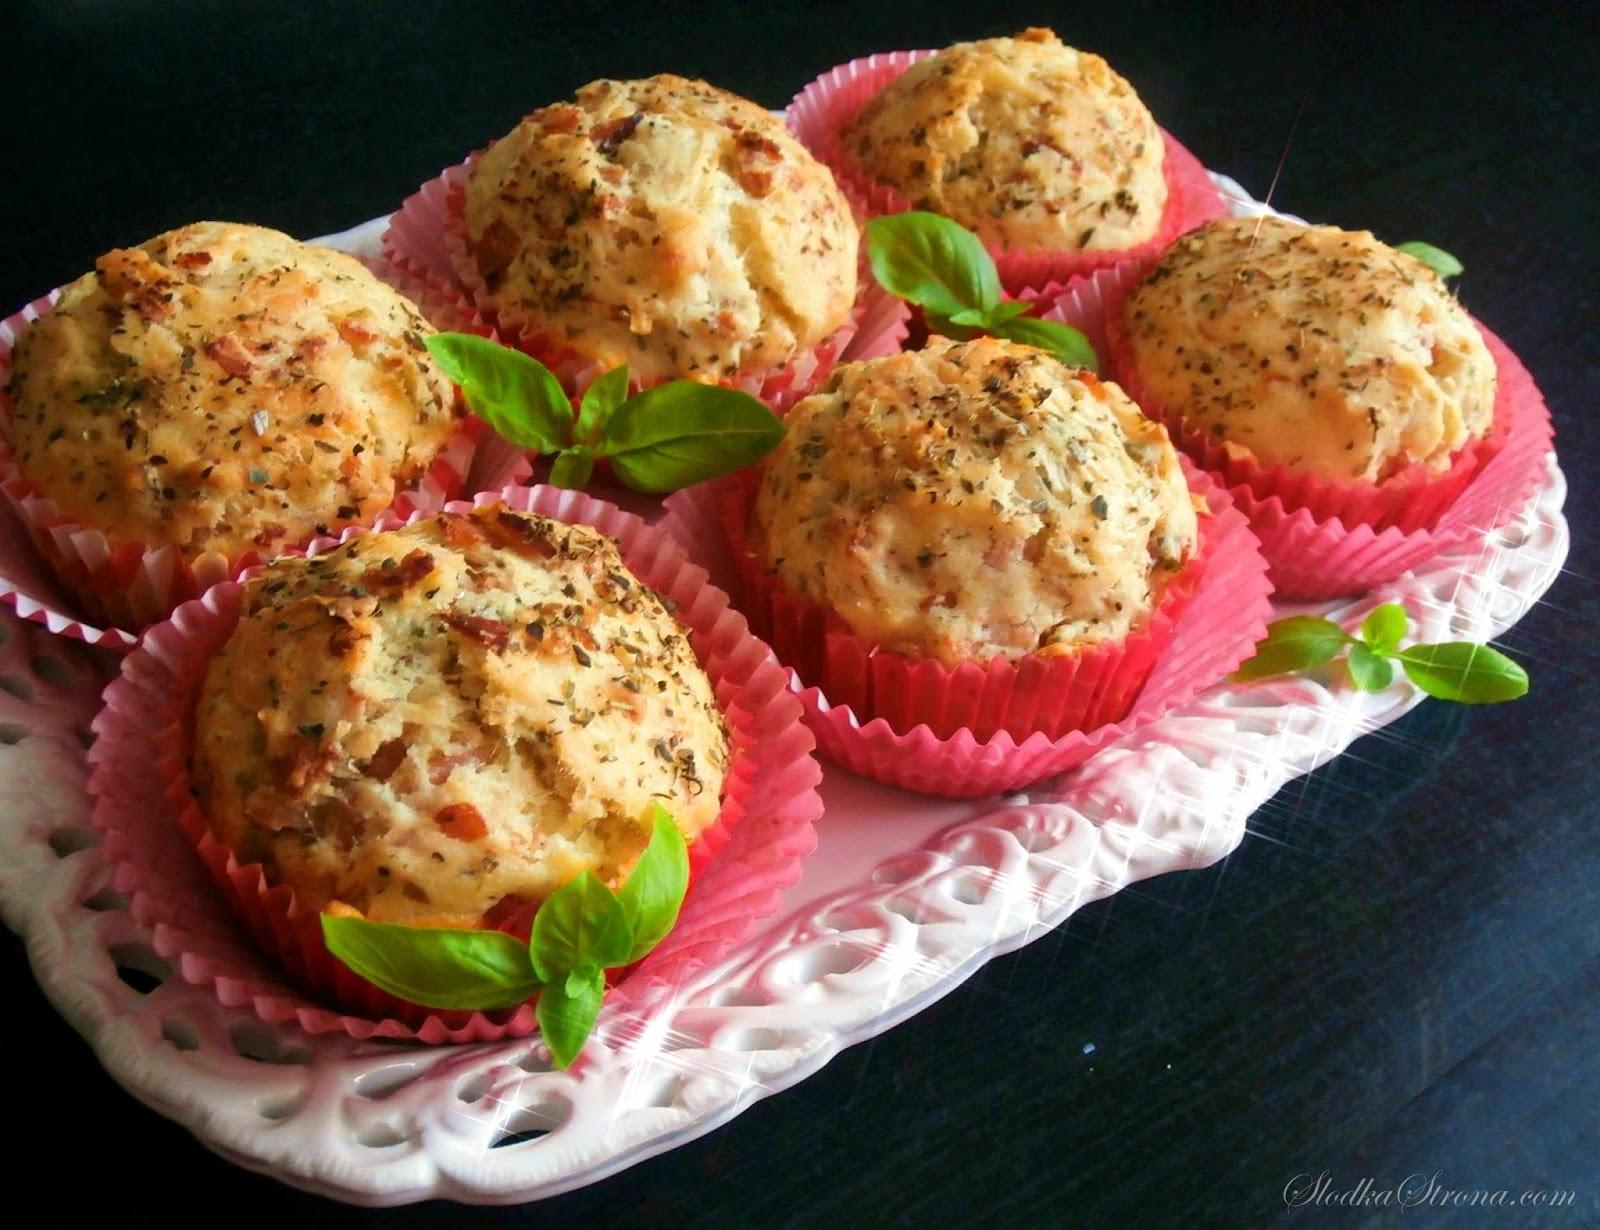 Muffiny z Szynką i Serem - Przepis - Słodka Strona